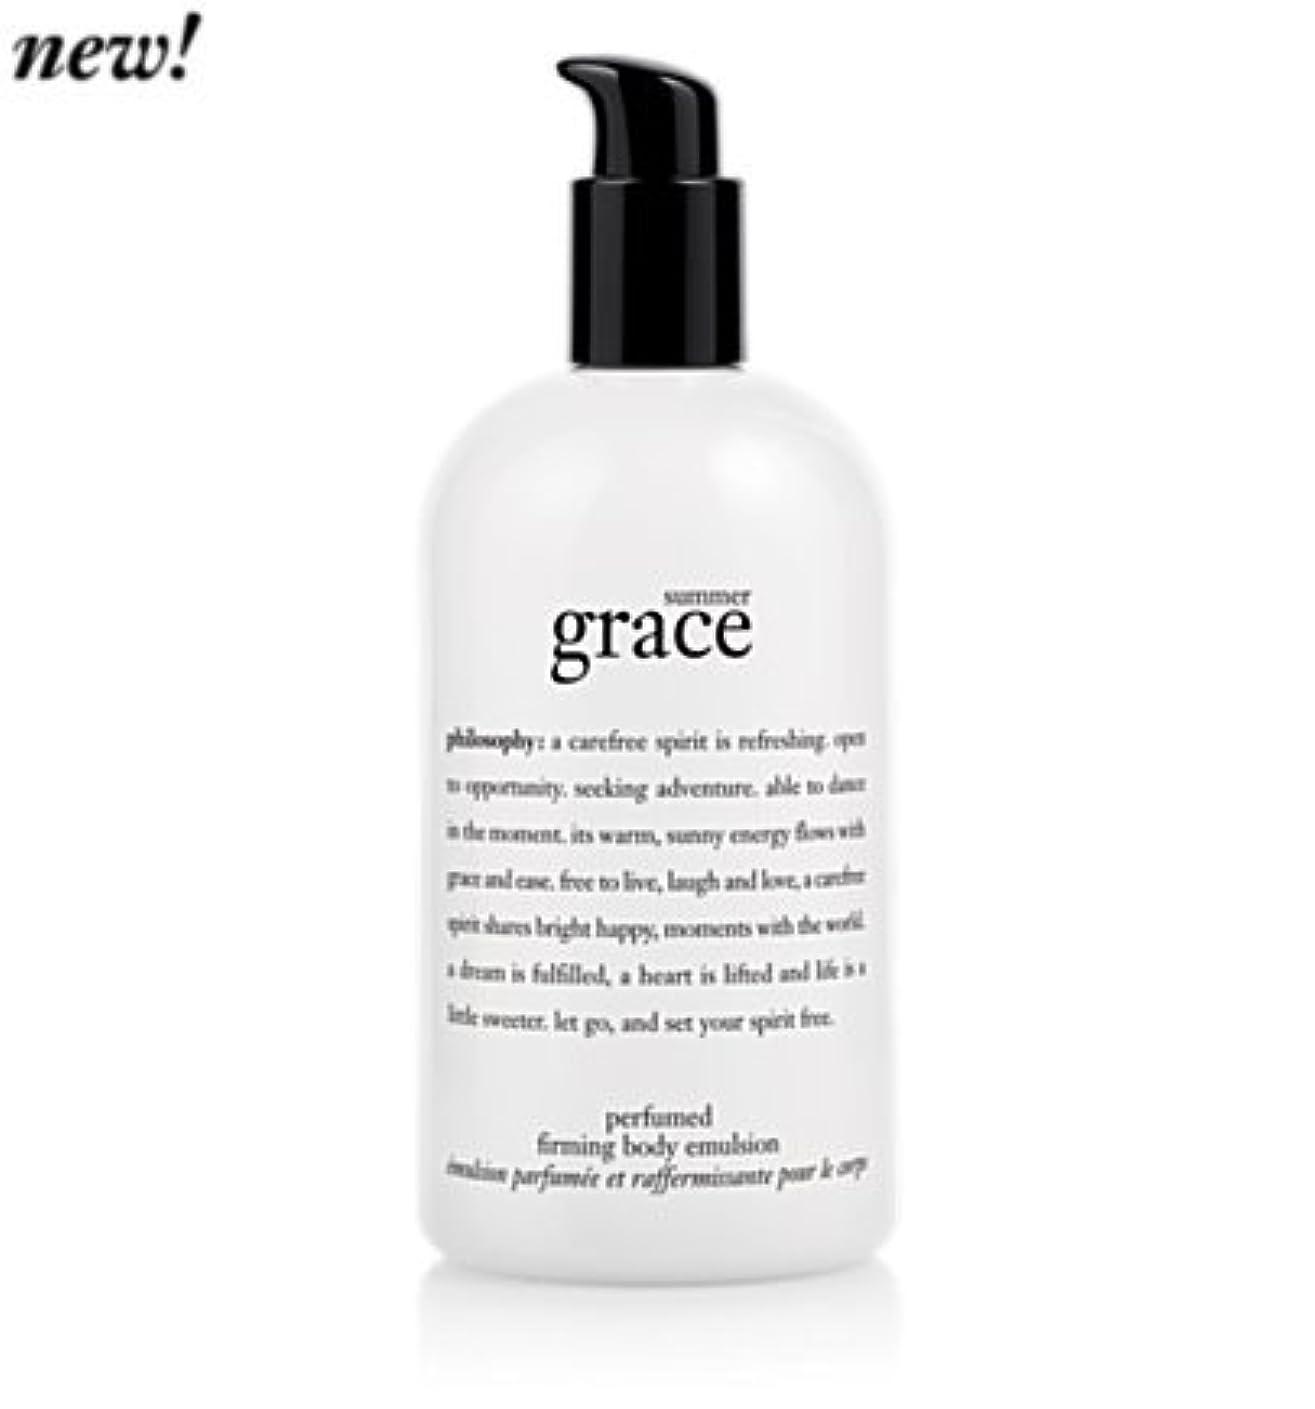 受け取るのどどこでも'summer grace (サマーグレイス) 16.0 oz (480ml) perfumed firming body emulsion for Women